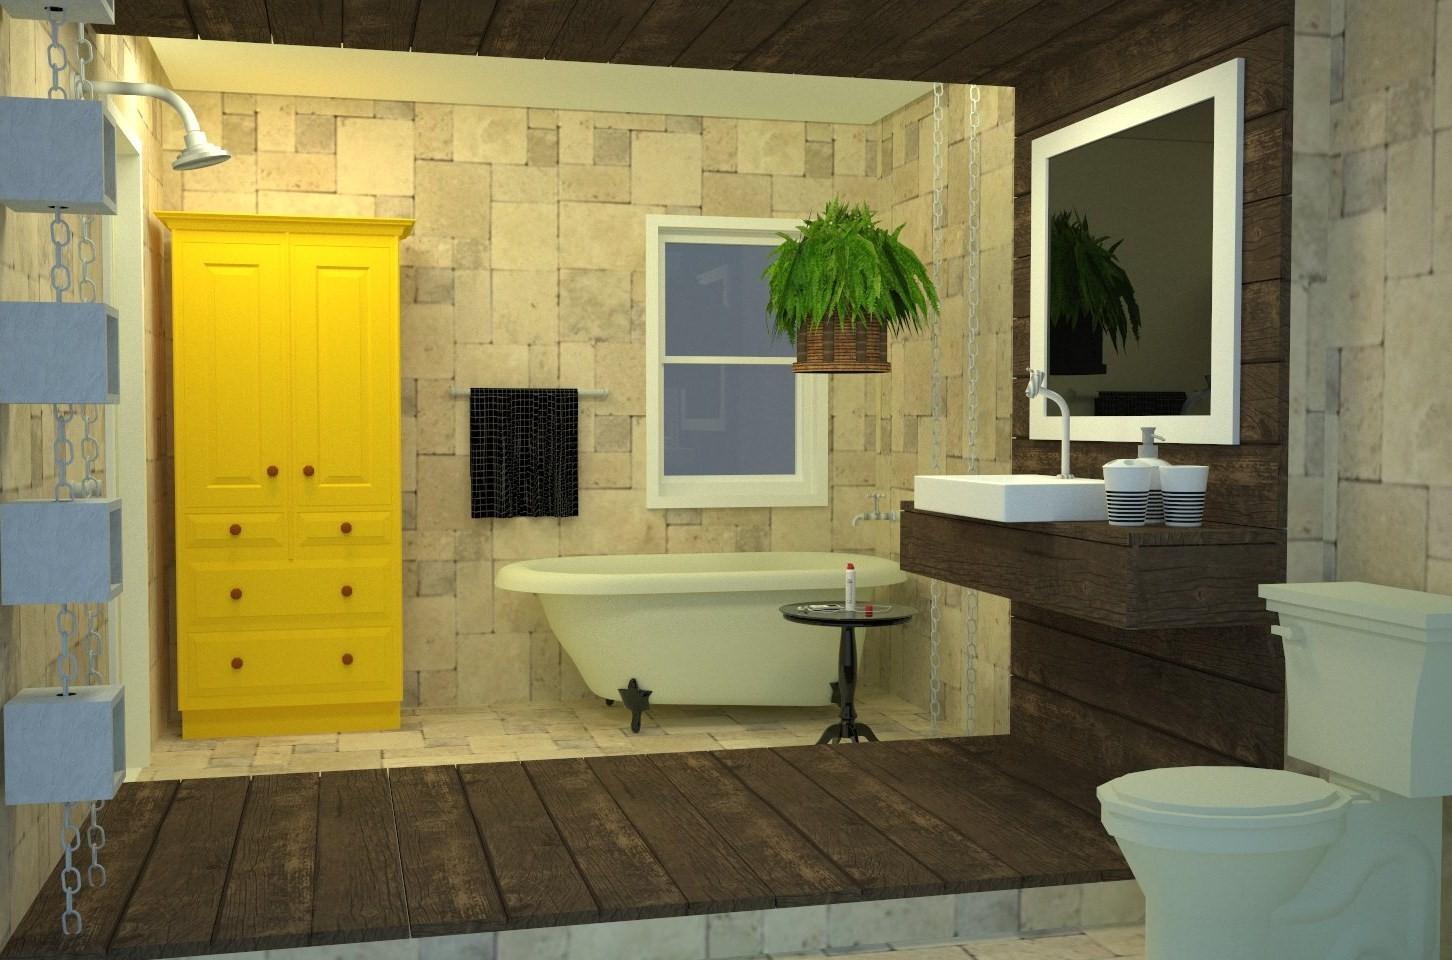 Imagens de #BA9911 FRED FRAZÃO: Design de Interiores Banheiro Rústico 1452x960 px 3670 Banheiros Rusticos Imagens